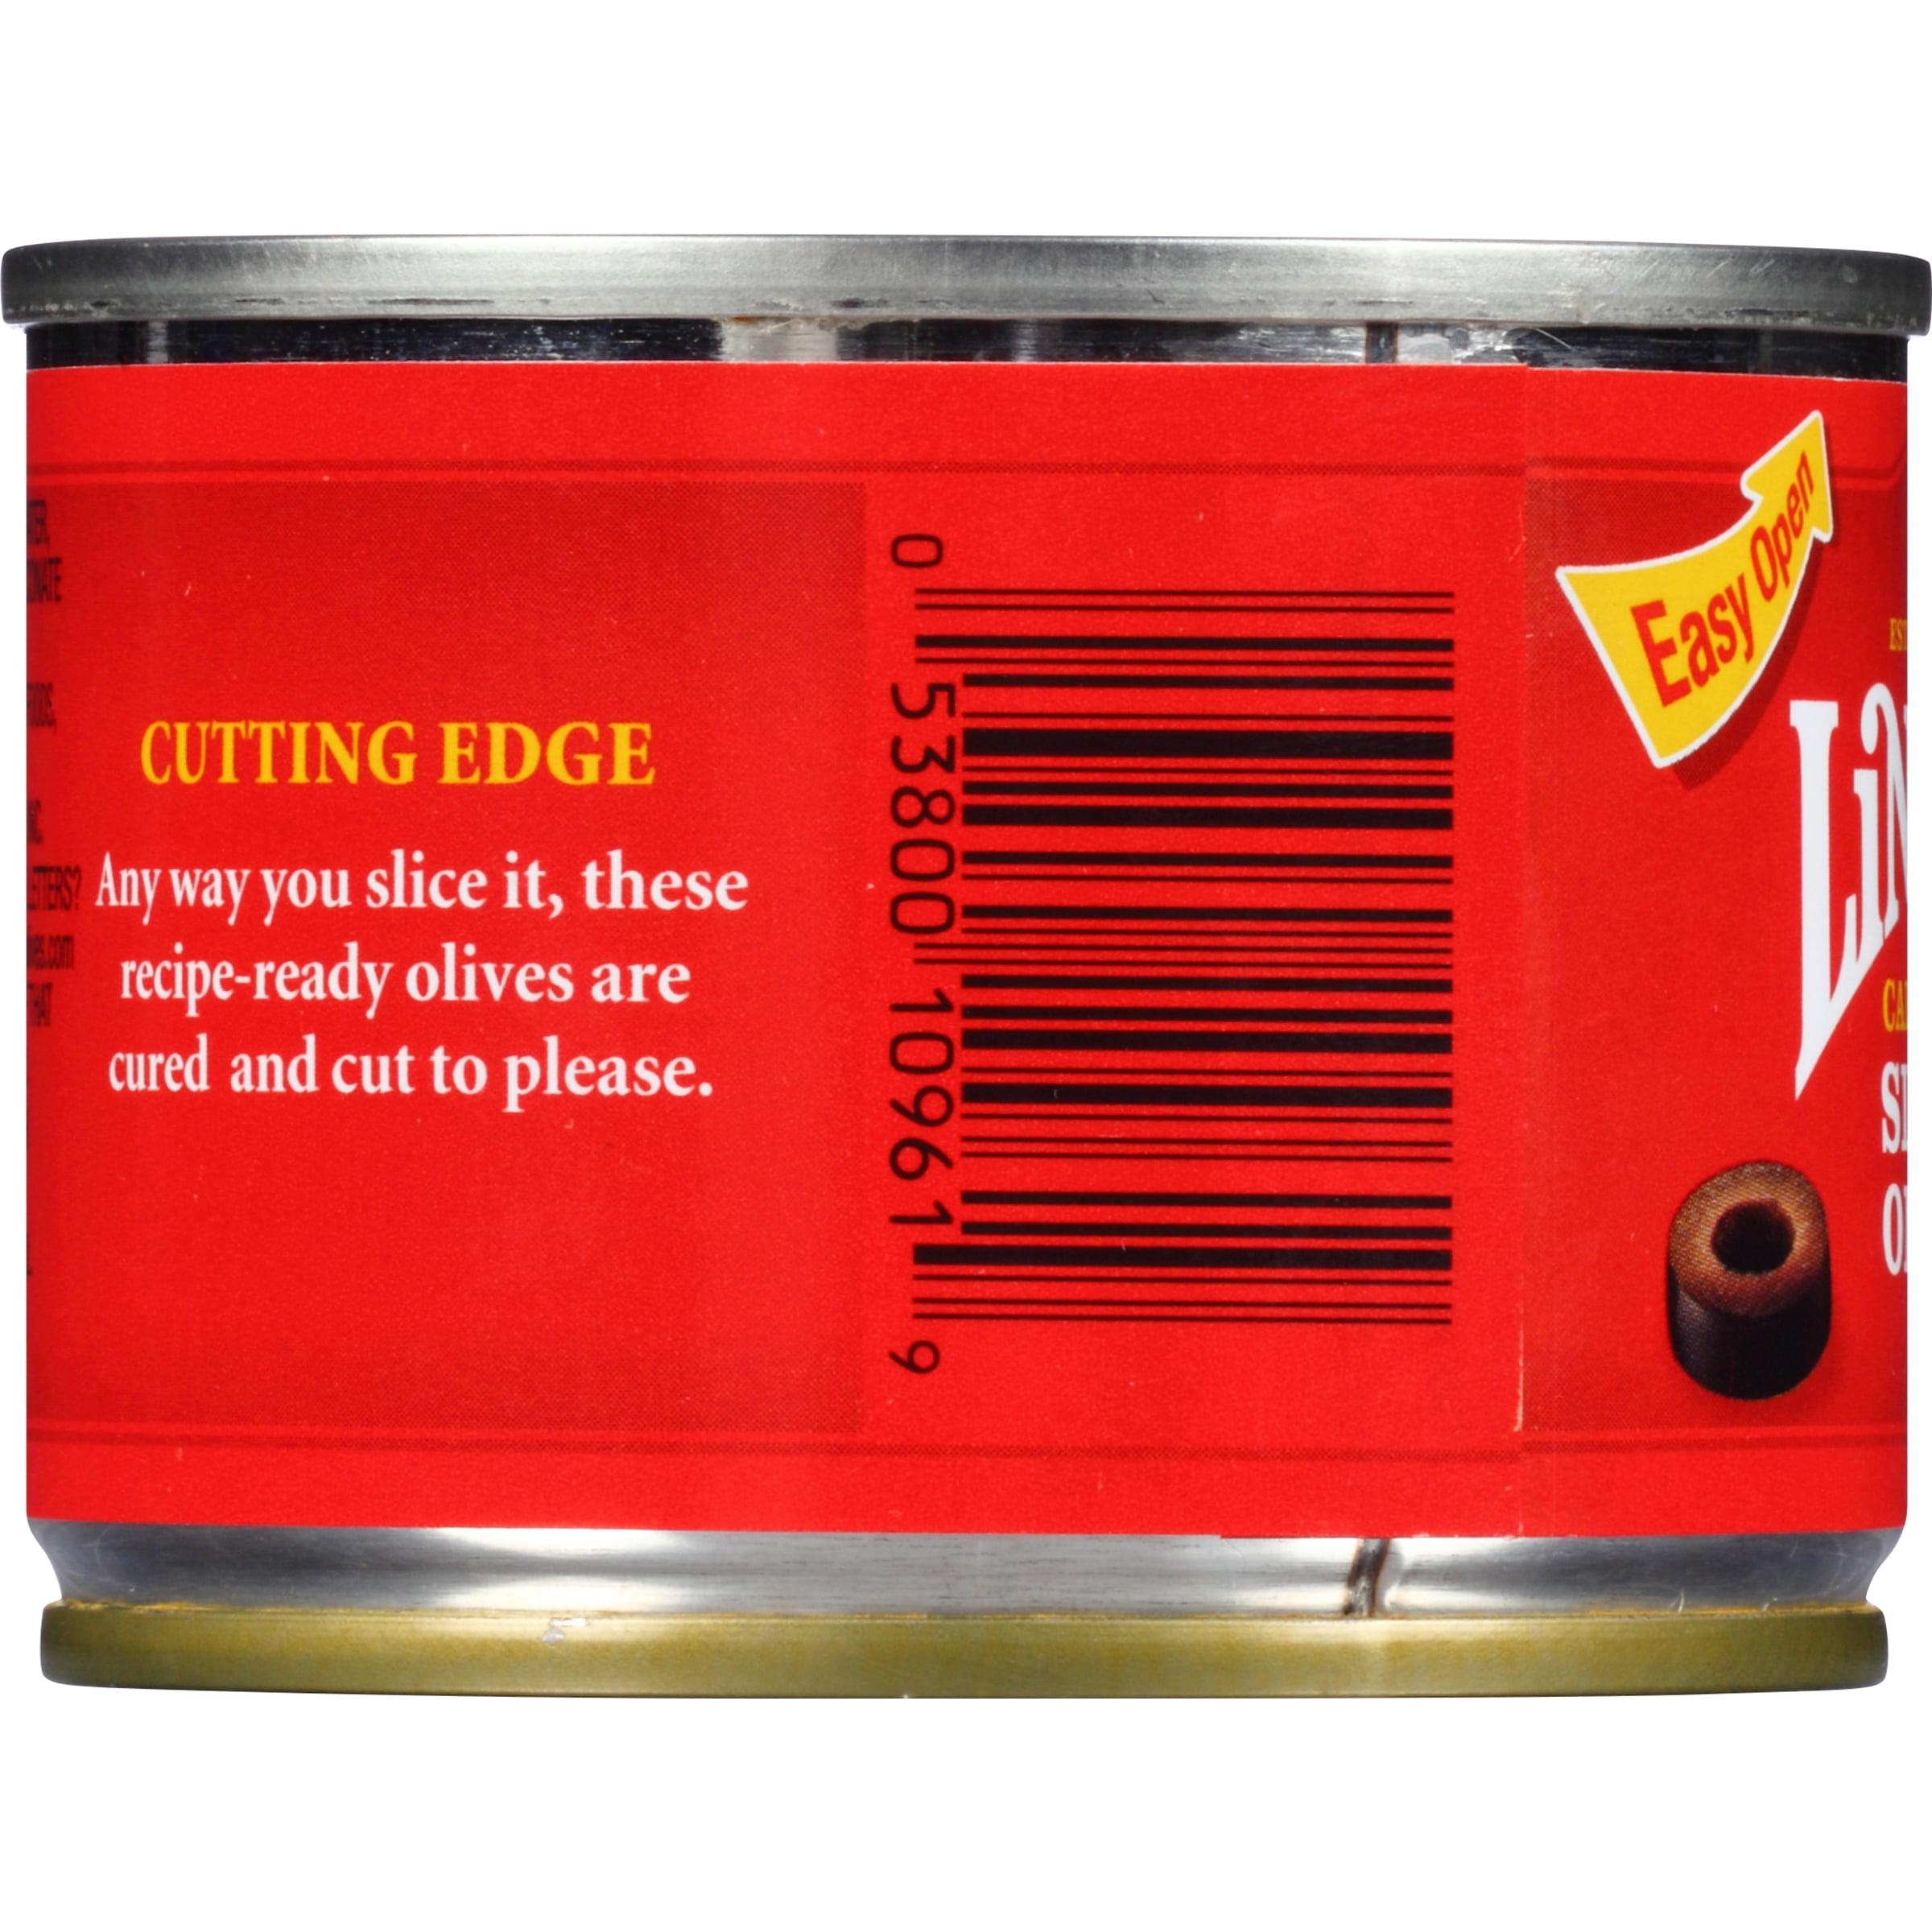 24 PACKS : Lindsay Sliced Ripe Olives, 2.25 OZ